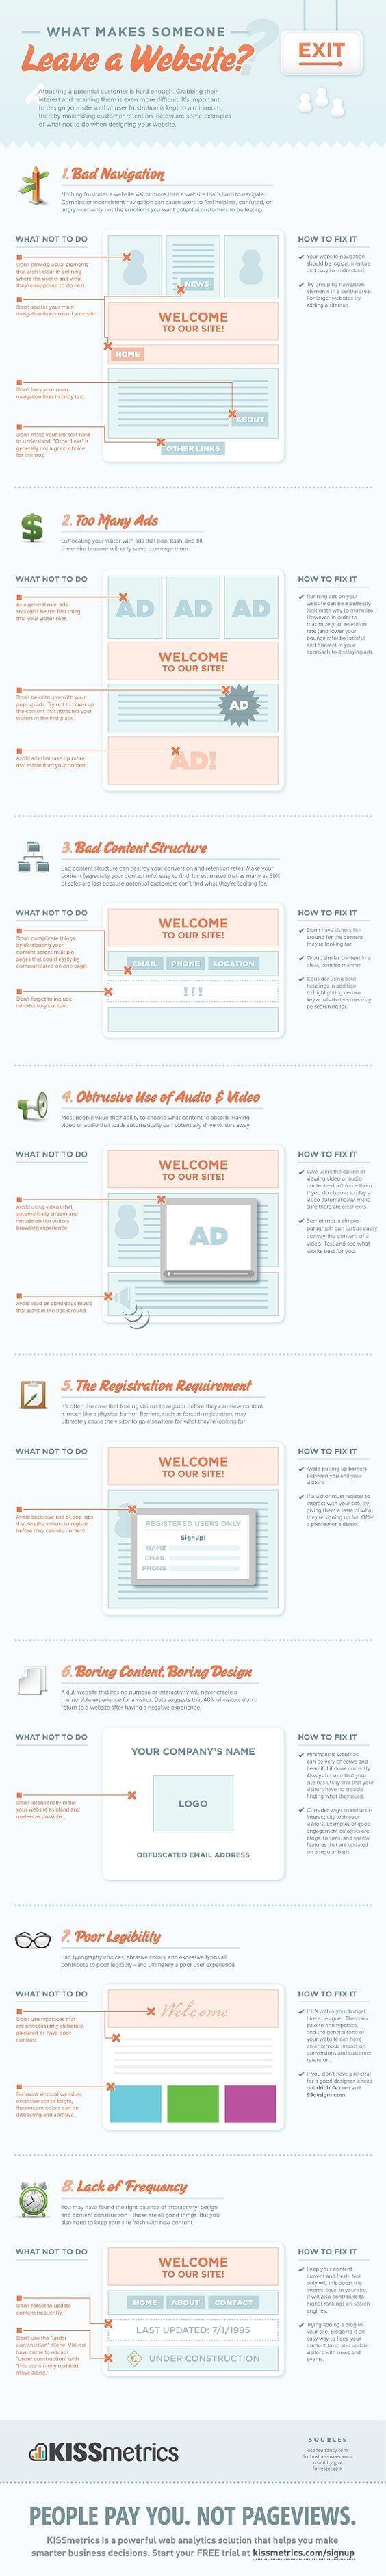 Por qué los usuarios abandonan un sitio web #infografía